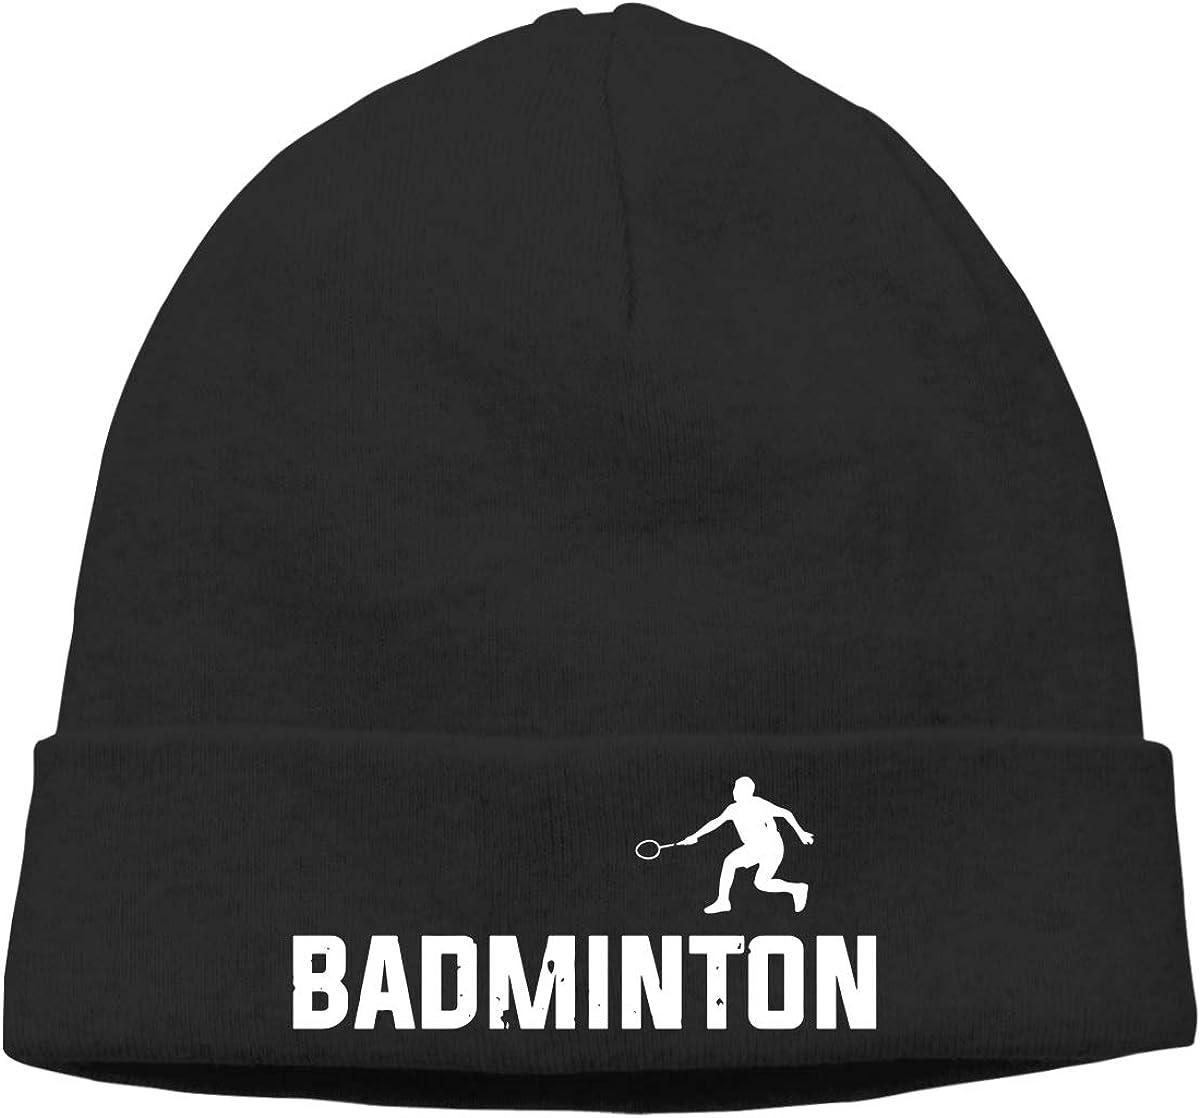 09/&JGJG Badminton Men and Women Beanie Warm Knit Ski Skull Cap